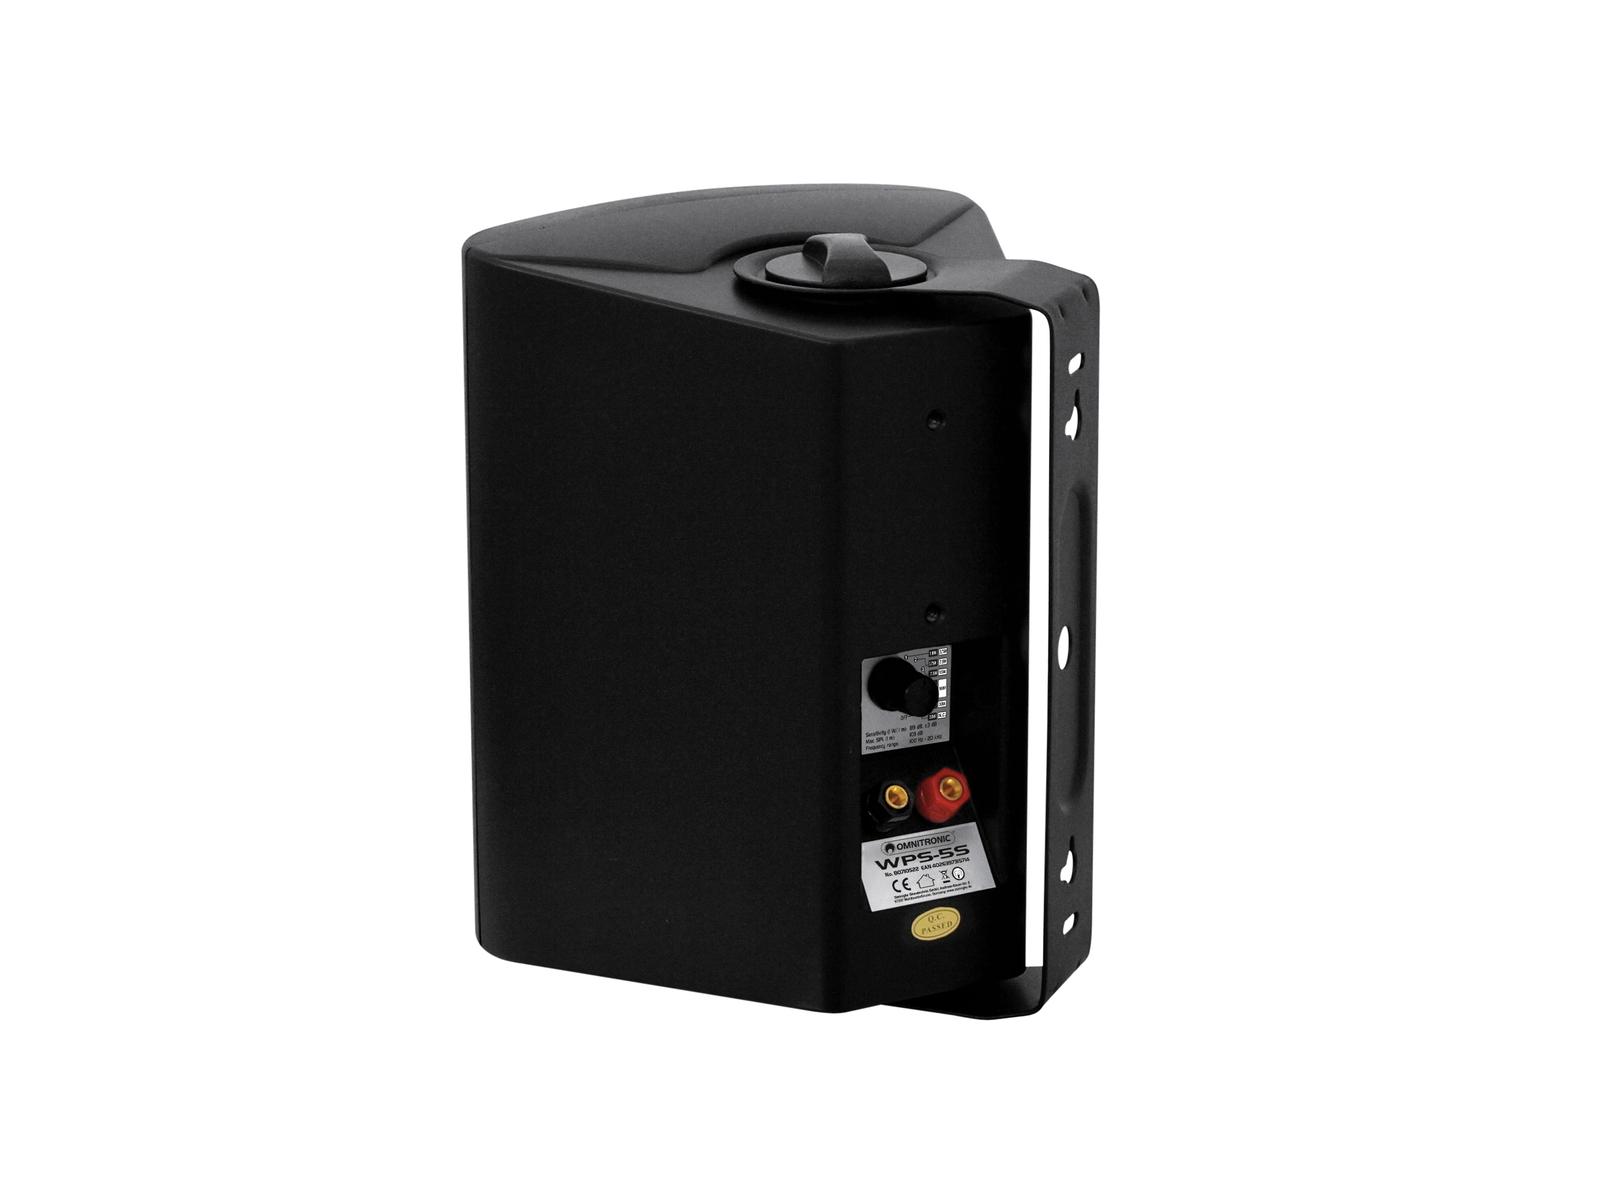 Cassa diffusore da soffitto parete 30 watt OMNITRONIC WPS-5S pa nera